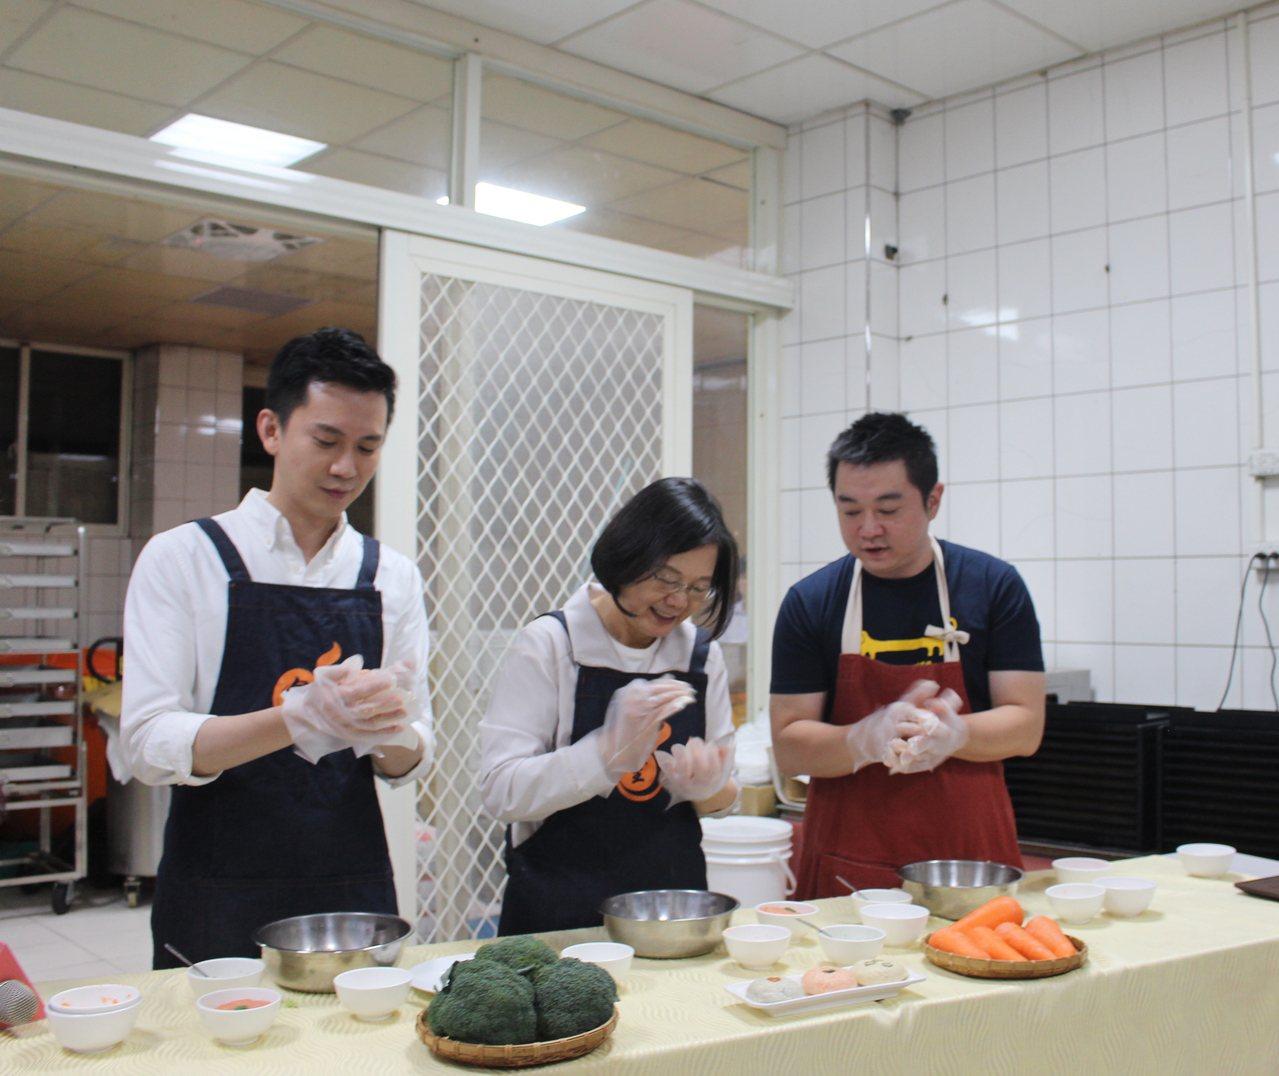 蔡英文(中)在業者帶領下,依序完成人生中首次寵物鮮食體驗。記者張雅婷/攝影